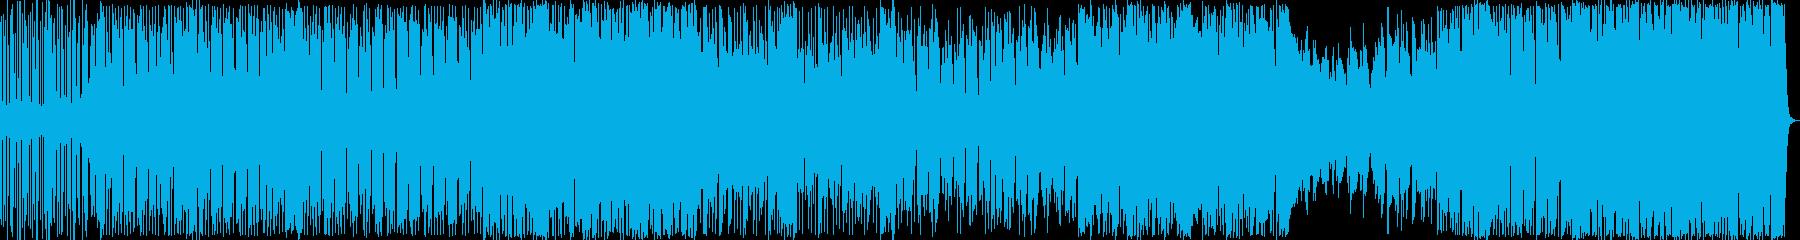 ヒップホップ風のリズムのR&Bの再生済みの波形